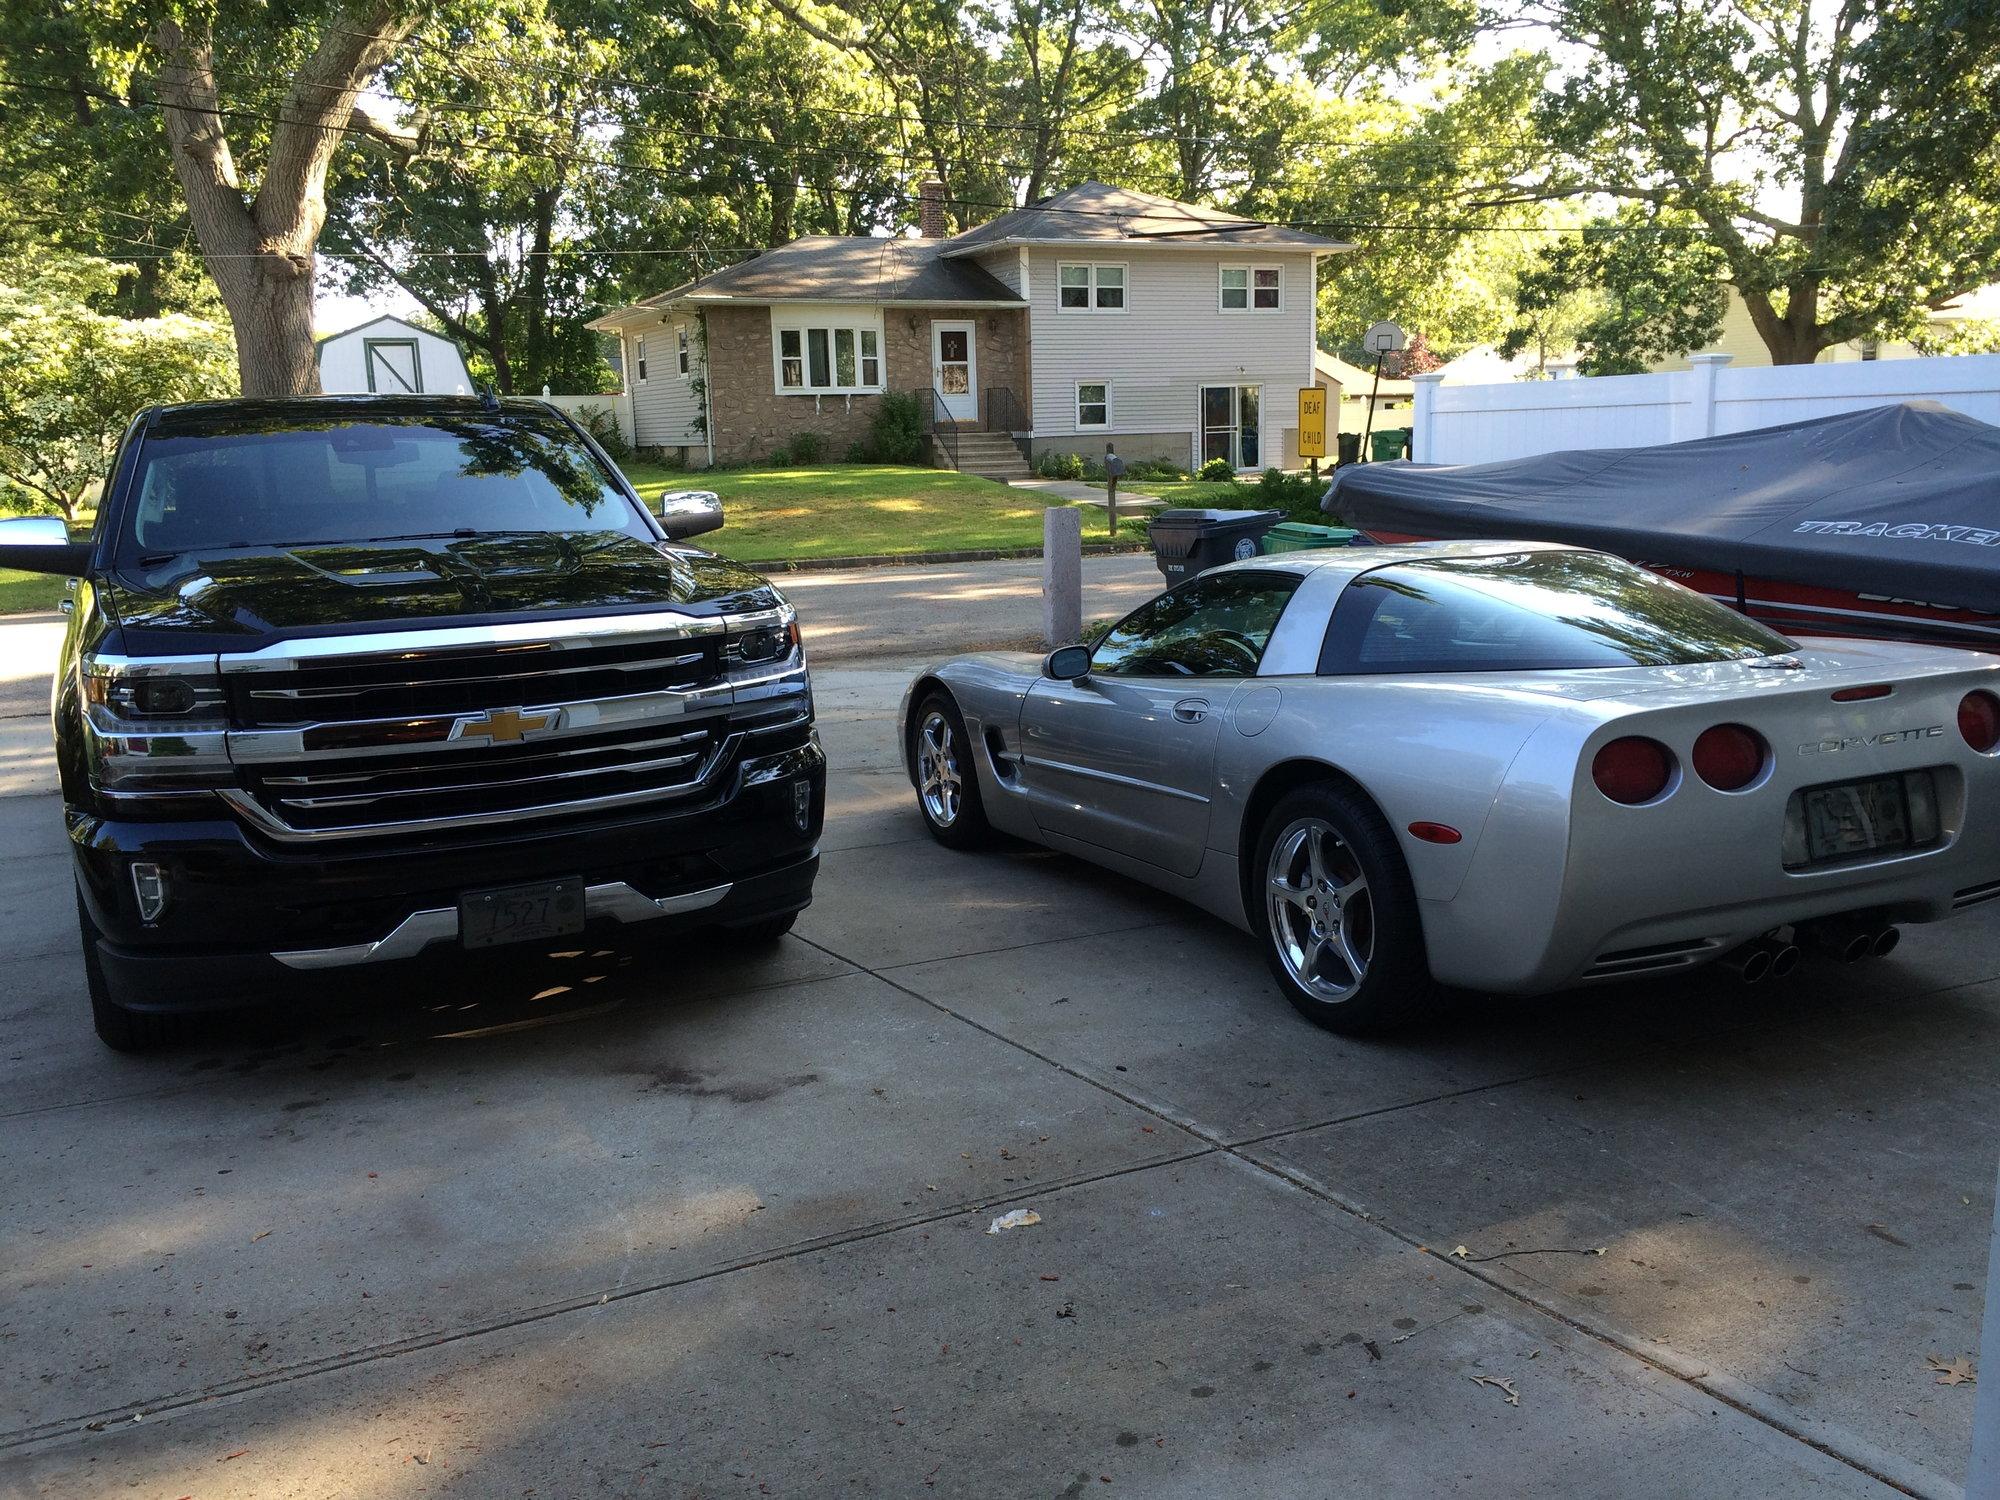 Paul Masse Chevrolet >> C6 to C7 in 11 months. - CorvetteForum - Chevrolet Corvette Forum Discussion